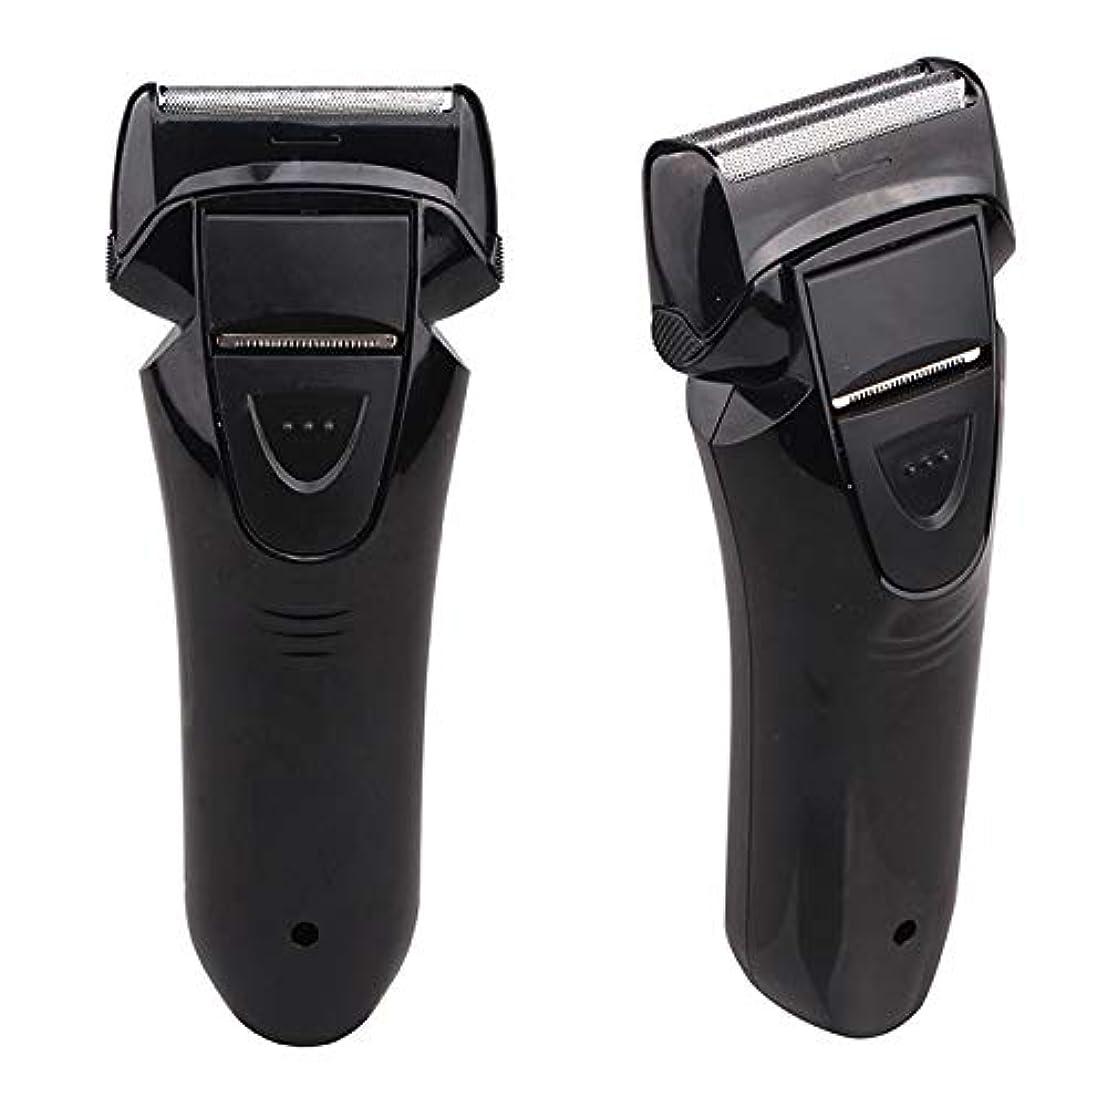 サロン明るくするマイルドメンズシェーバー Vegetable(ベジタブル) アダプター&USB充電式2枚刃シェーバー GD-S206